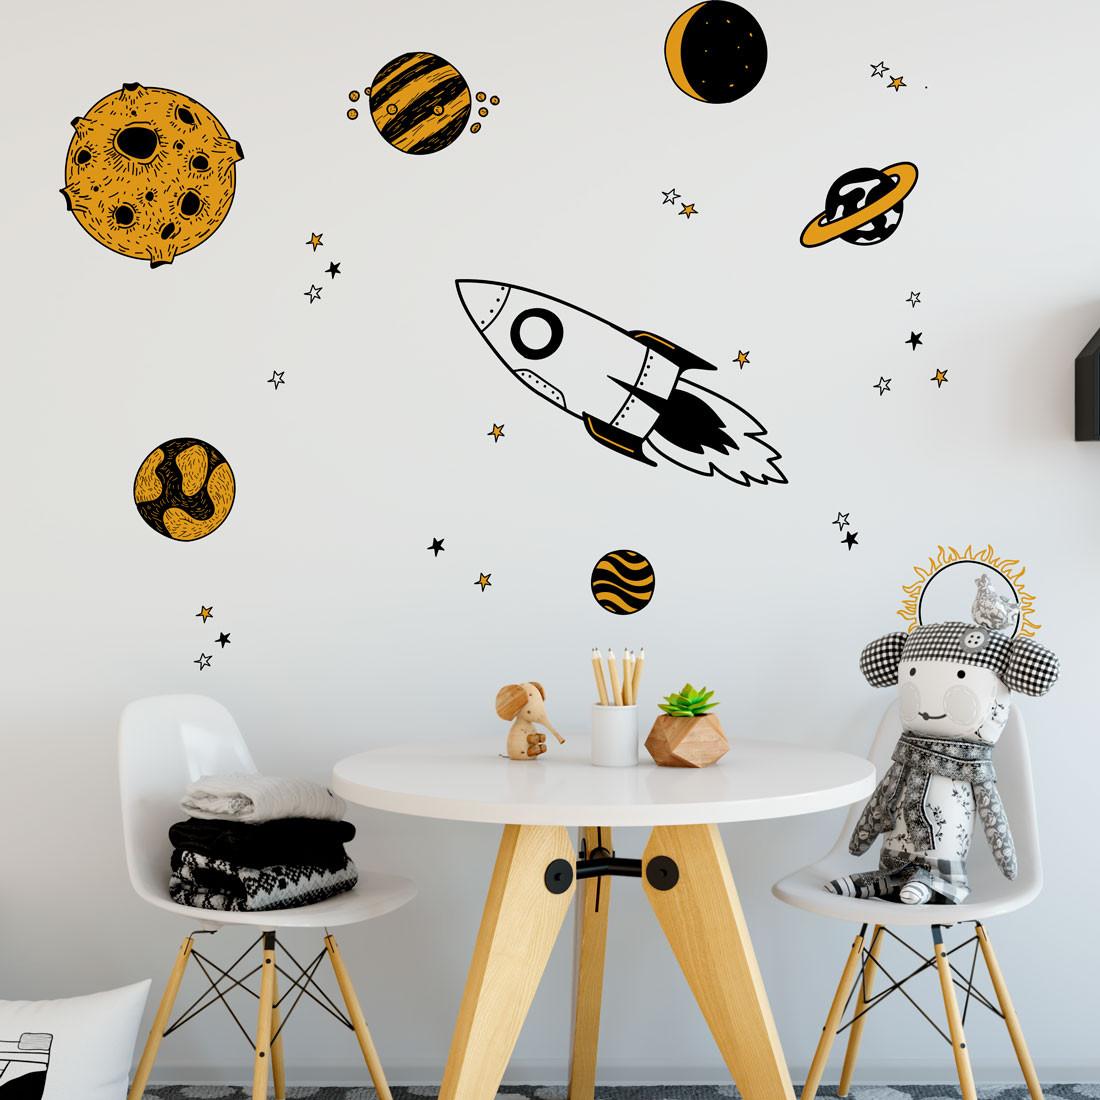 Adesivo de Parede Infantil Foguete Espacial com Planetas